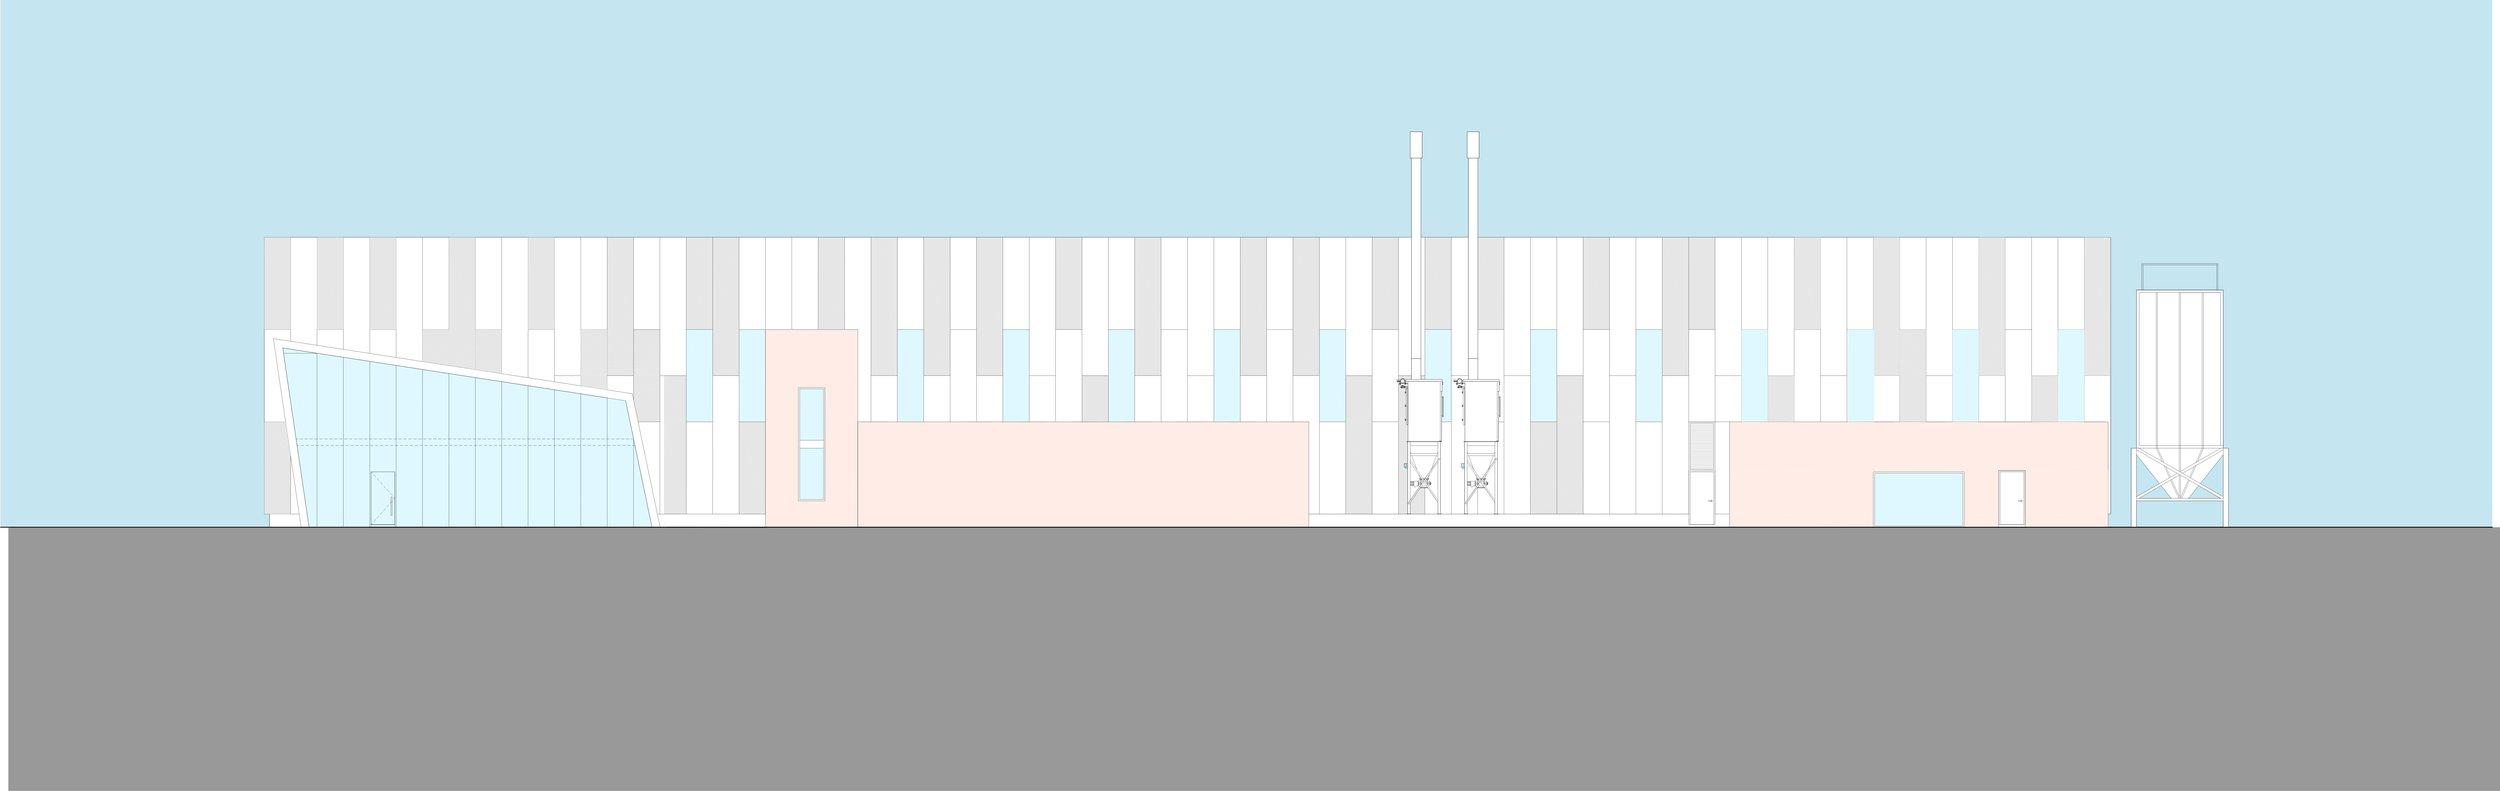 Paulo Miguez Arquitectos - Unidade Industrial - Rio Maior - CAST 1.jpg